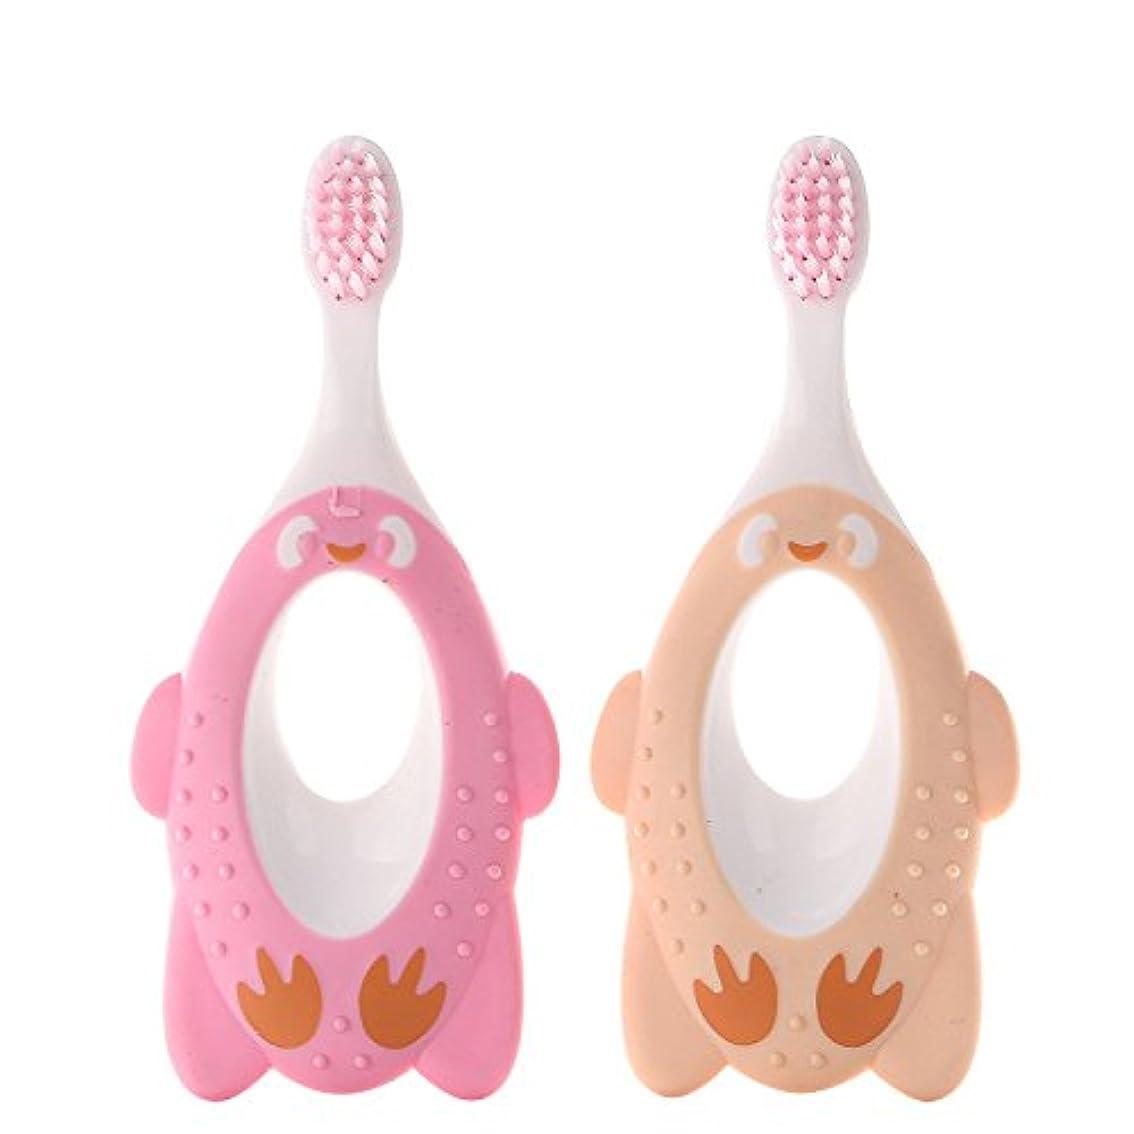 私経由で詳細なLiebeye 赤ちゃん 歯ブラシ かわいい漫画 柔らかい毛の口腔ケア ツール 練習 歯ブラシ ランダムな色